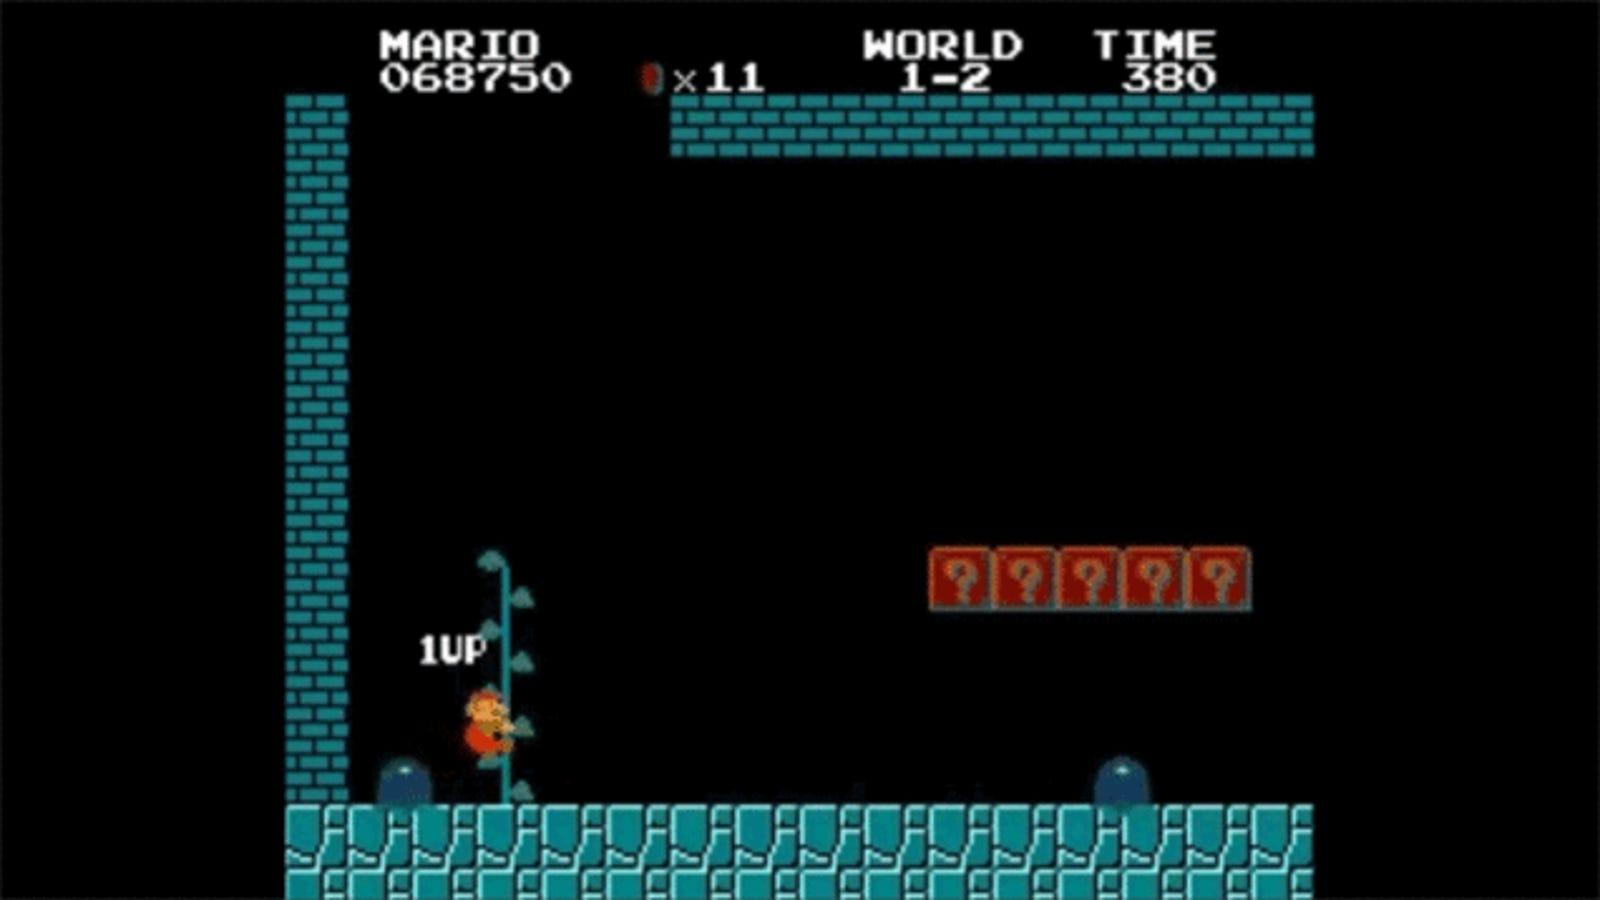 Descubren nuevo truco para obtener vidas infinitas en Super Mario Bros